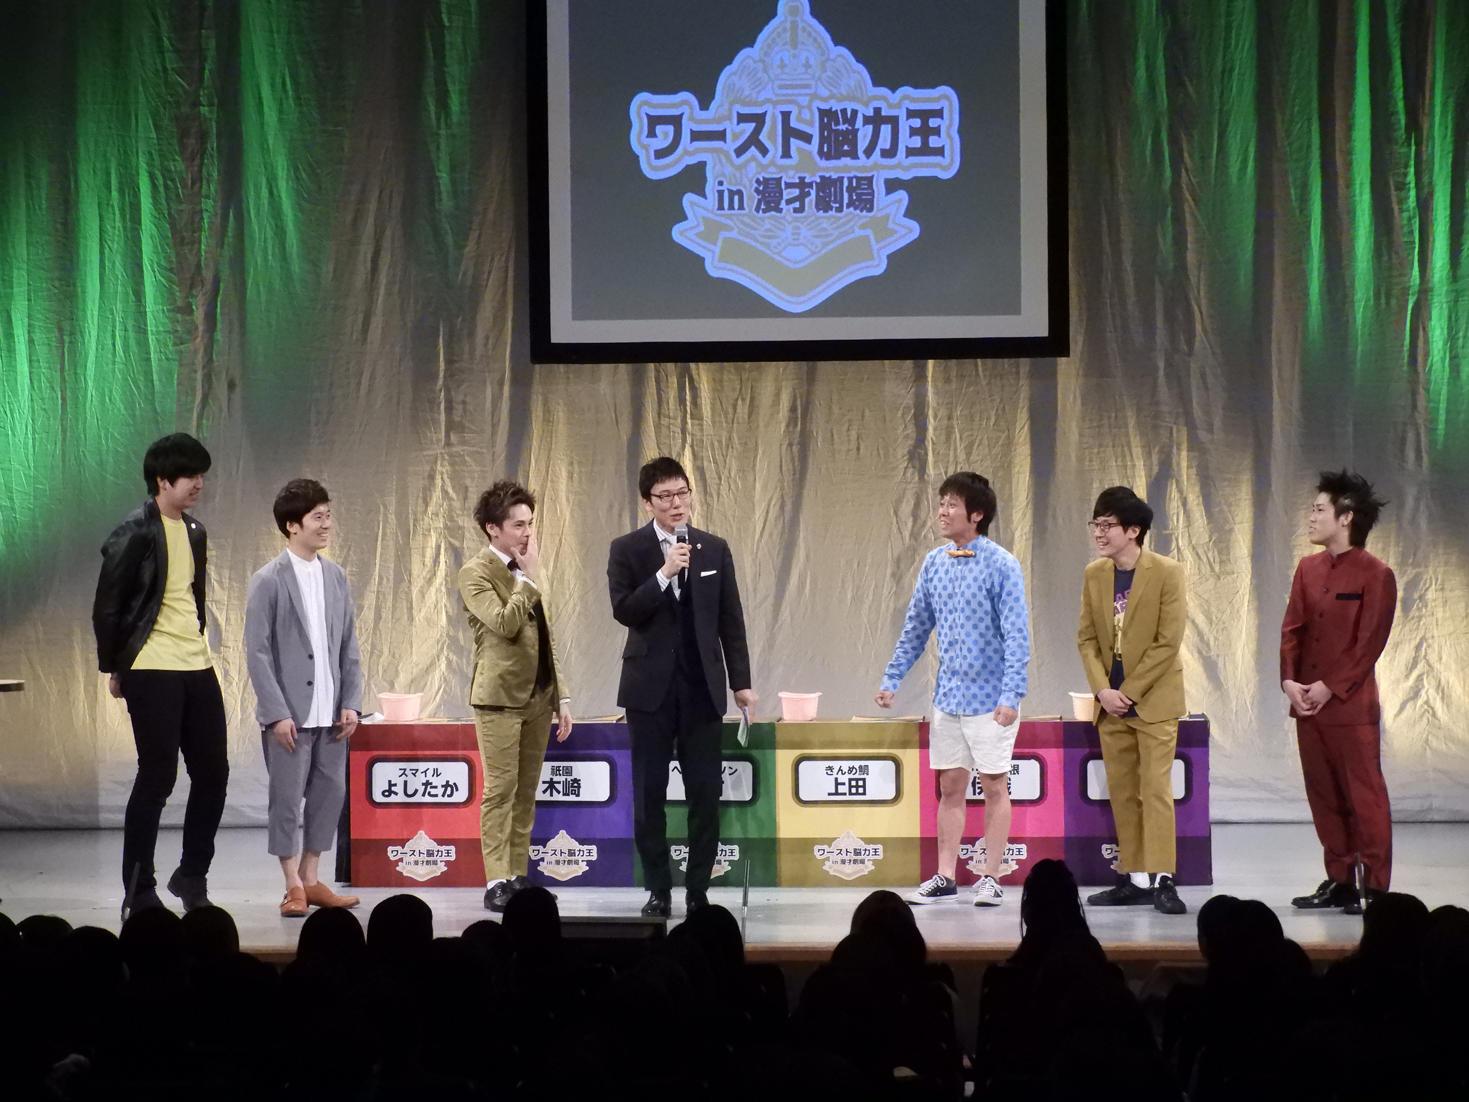 http://news.yoshimoto.co.jp/20180406111728-78daeaf4ec4e68d6353071bfe6c520da682938ac.jpg